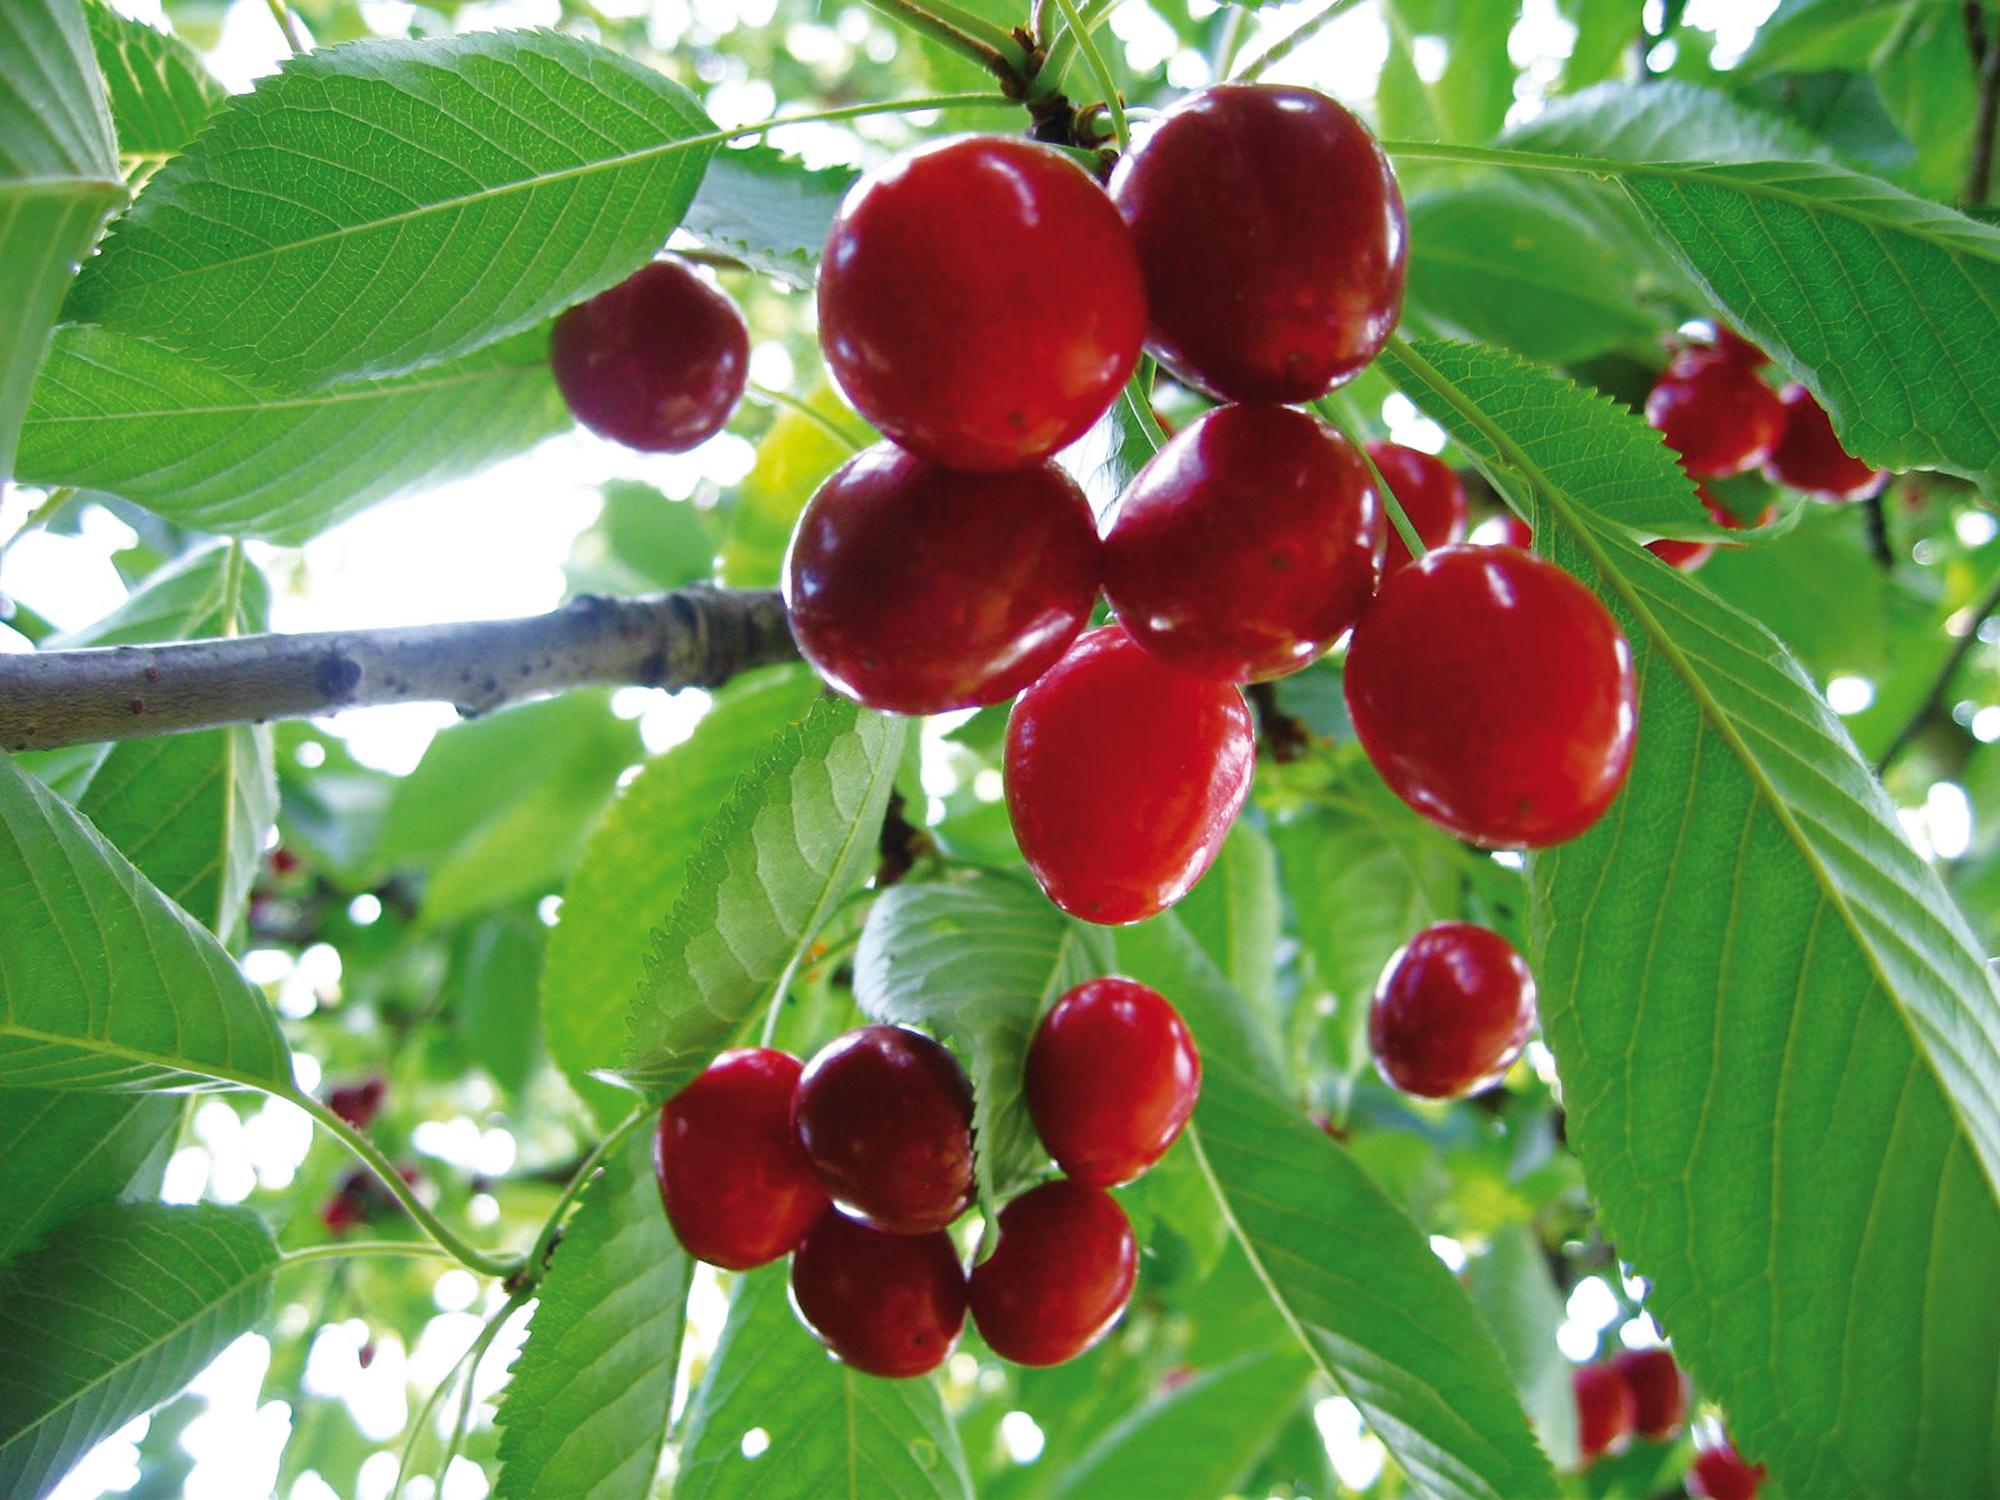 Goede Fruitbomen en Kleinfruit kopen voor uw tuin - Tuincentrum De Molen TK-32